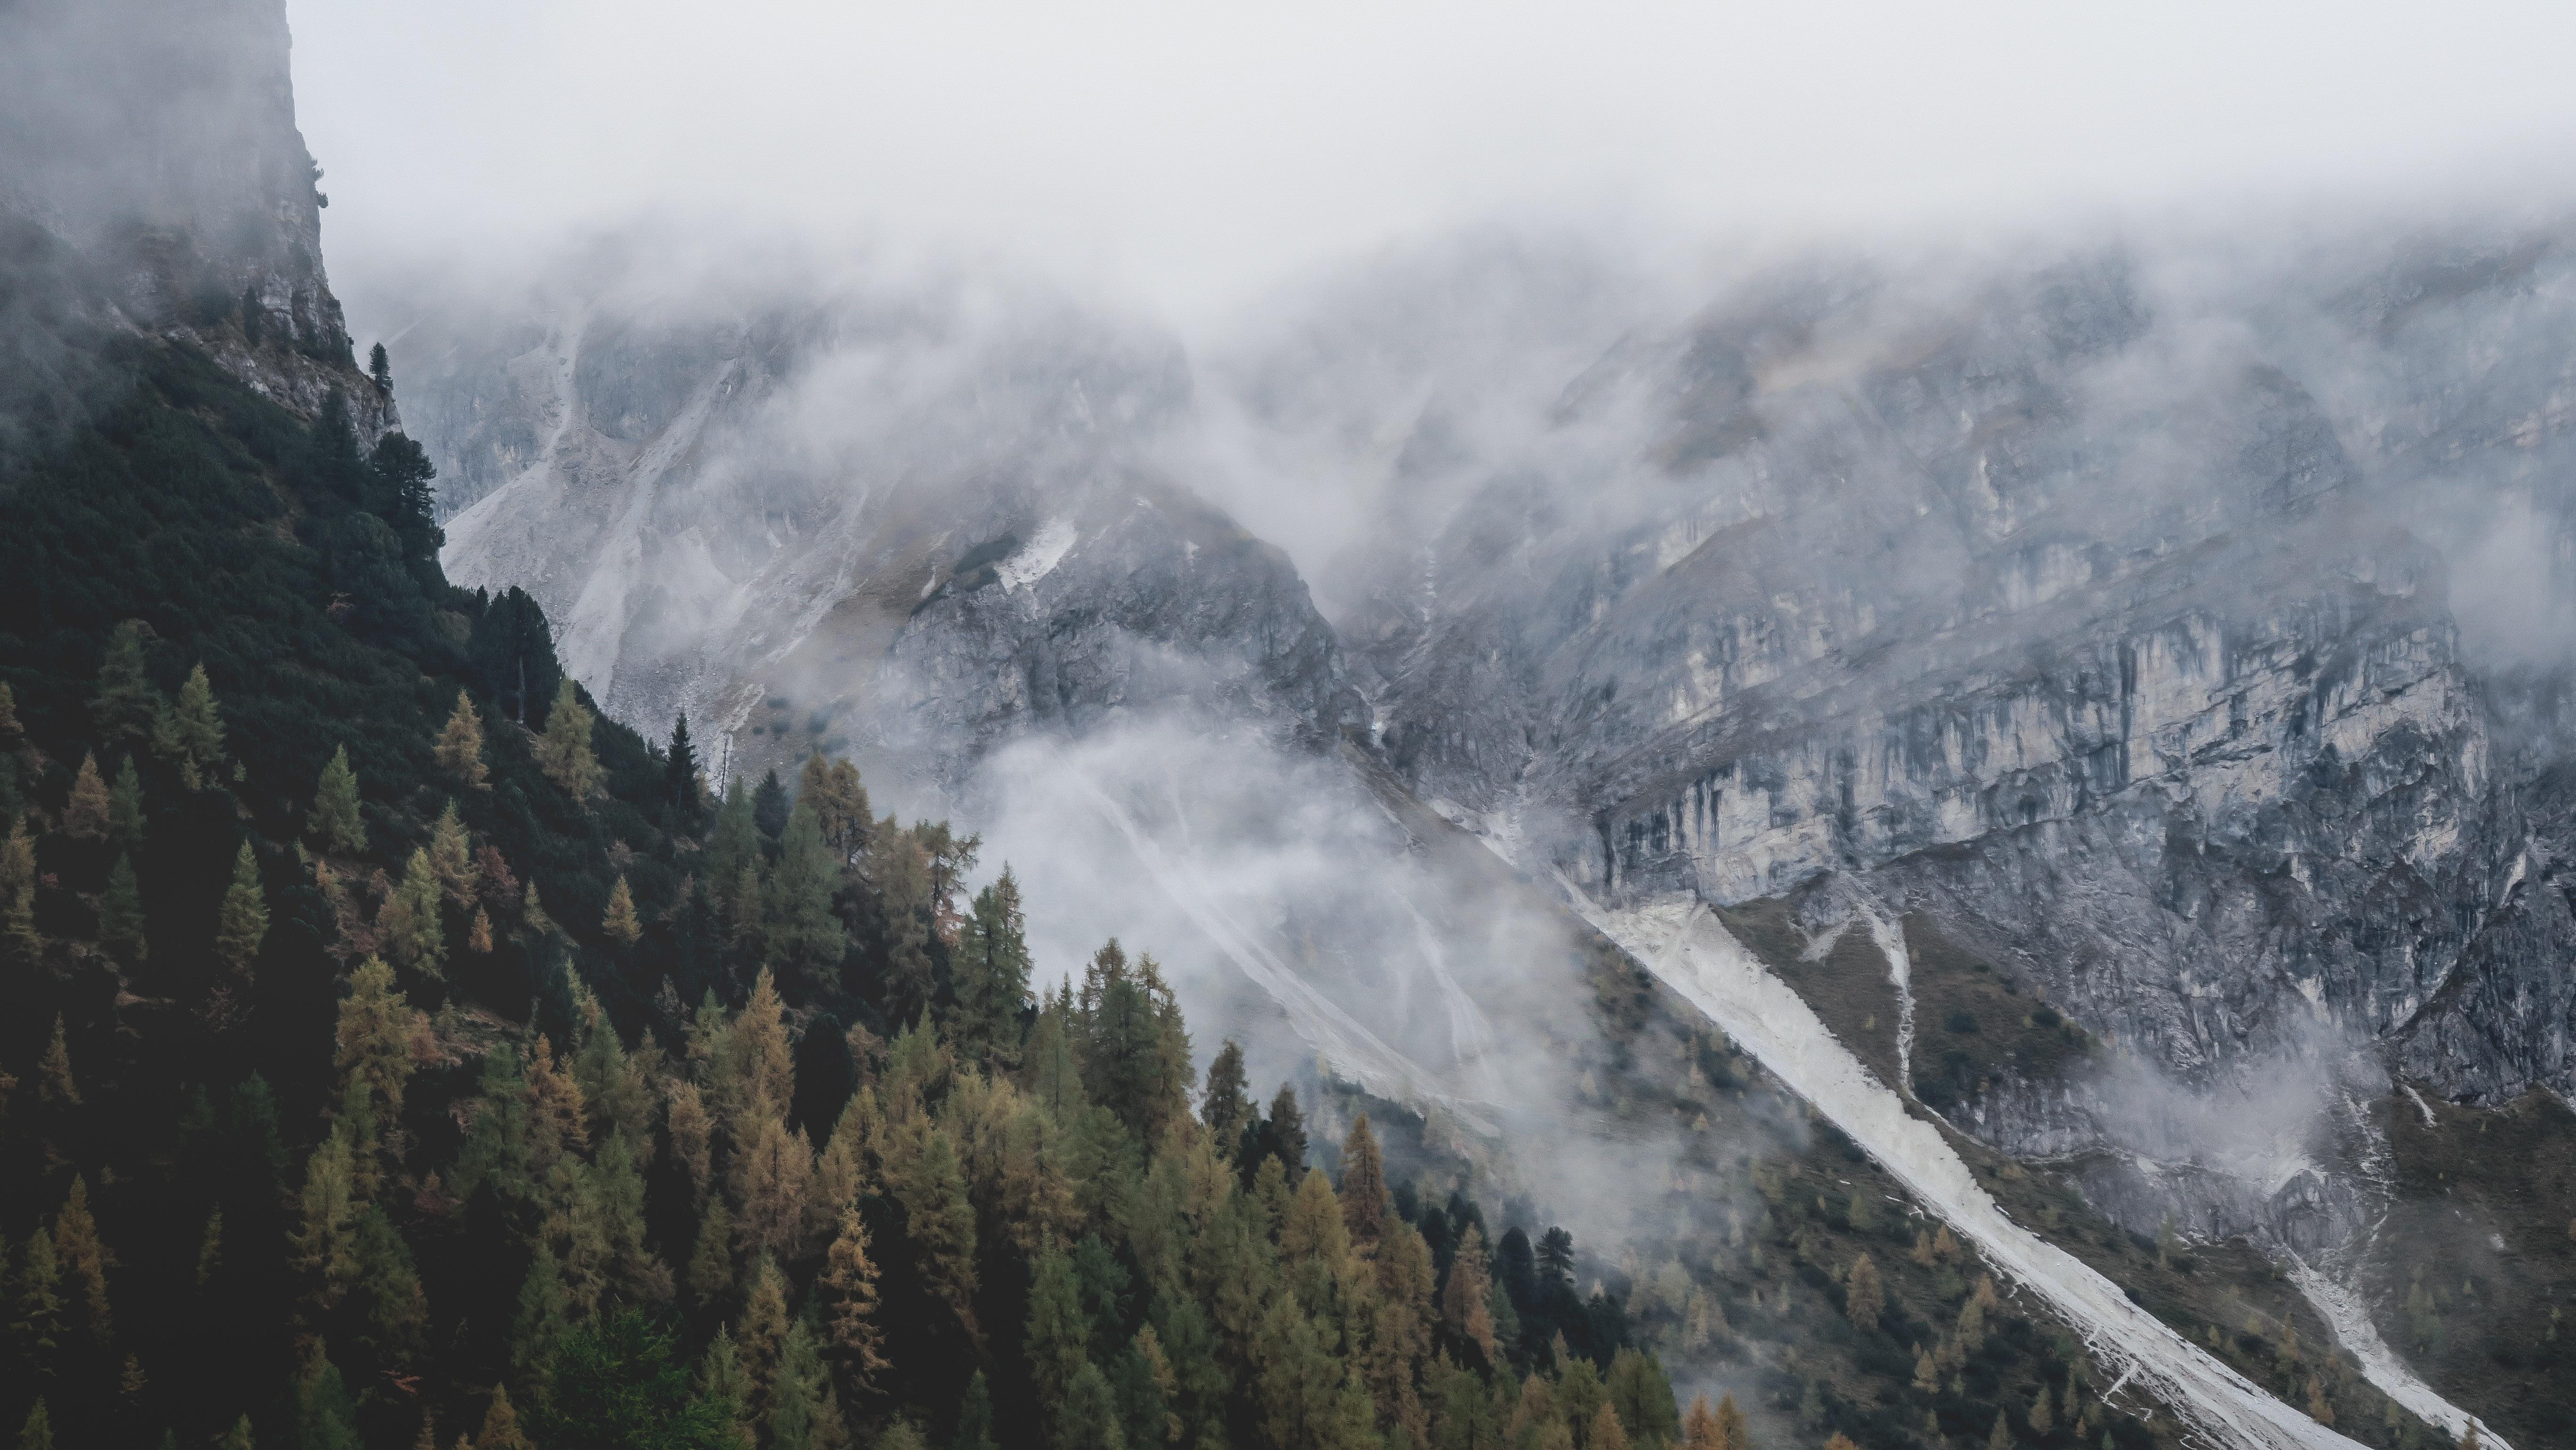 Free Images : wilderness, fog, mist, adventure, valley ...